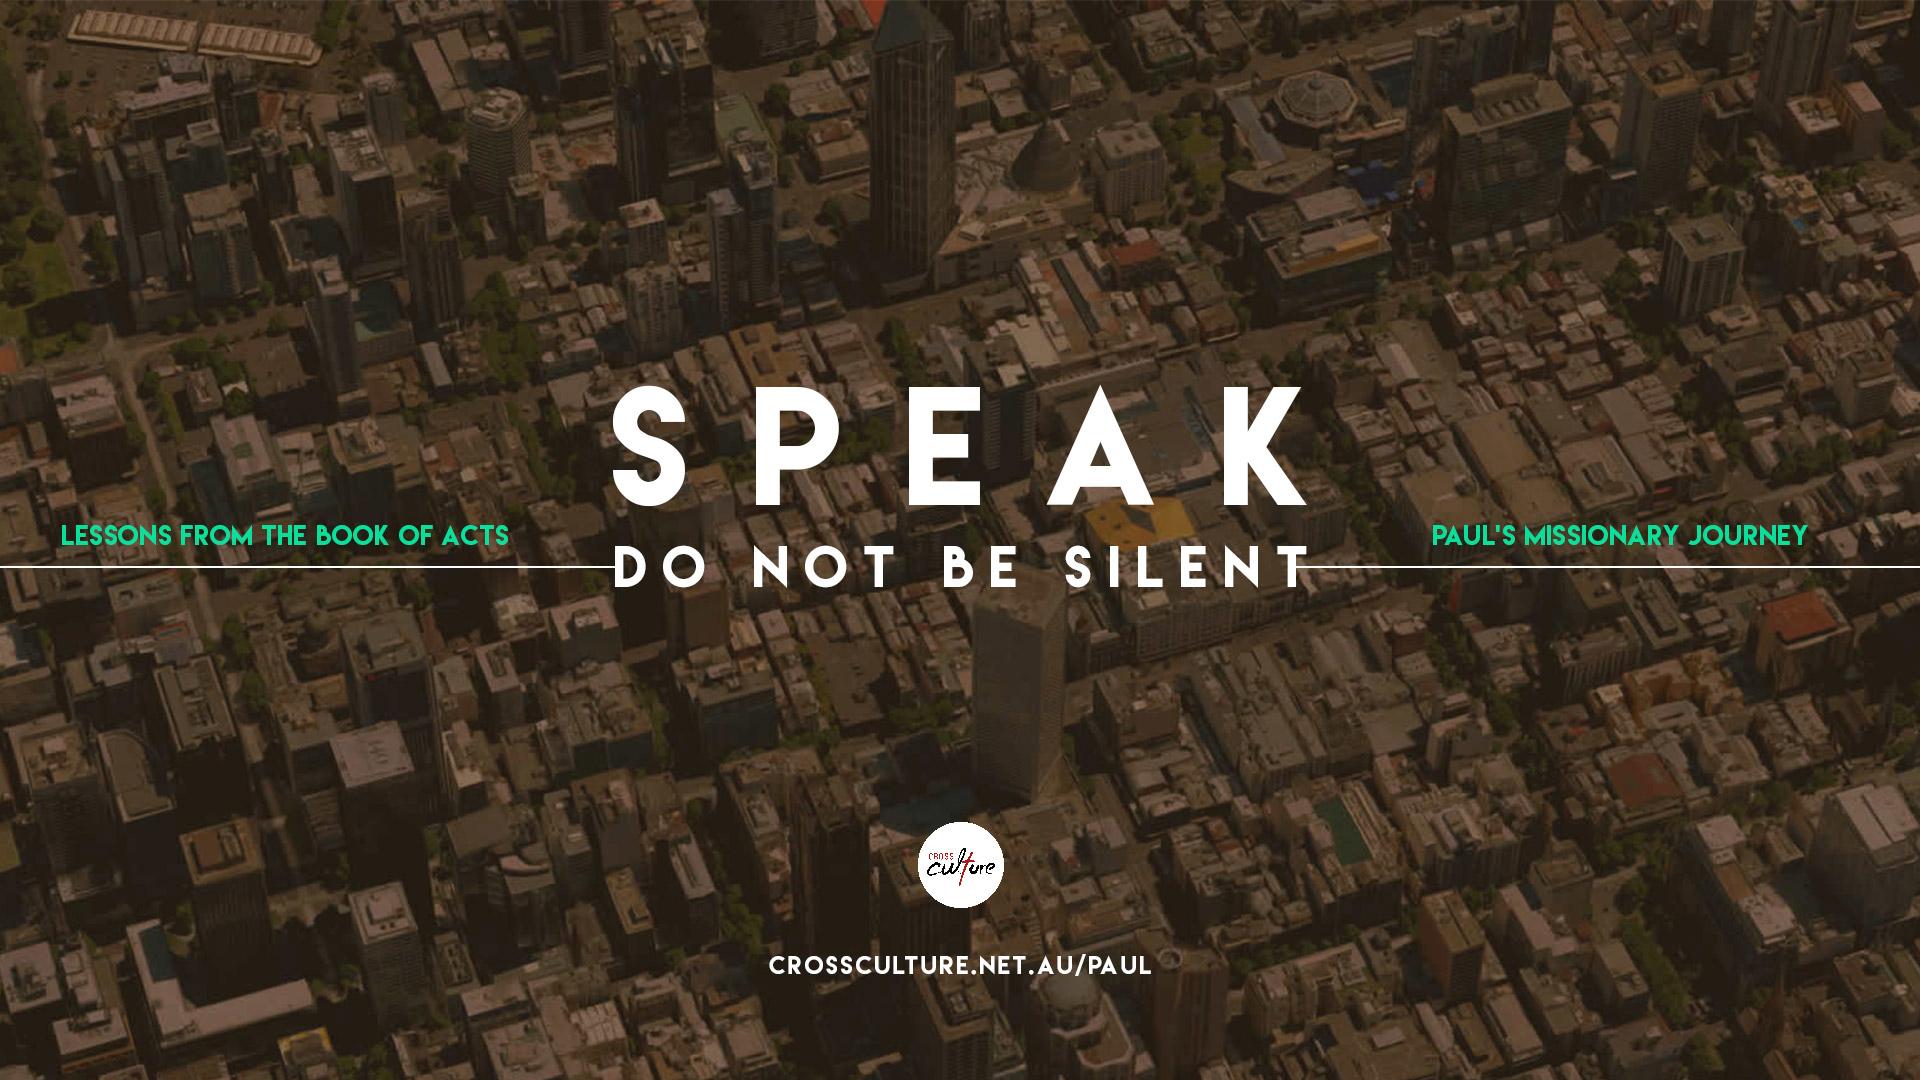 Speak! Do not be silent!